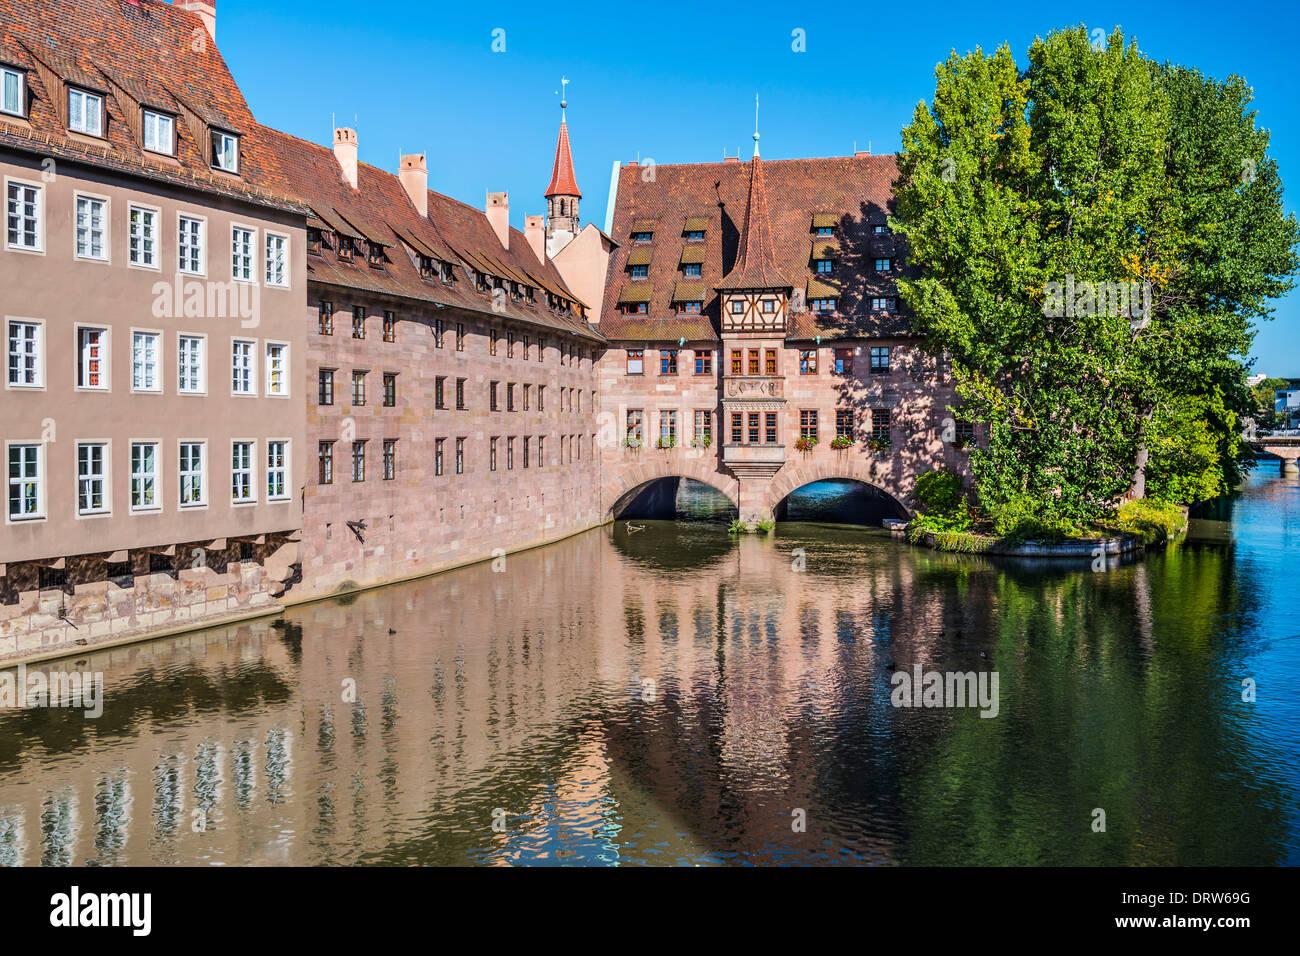 Norimberga, Germania presso lo storico ospedale di Santo Spirito sul fiume Pegnitz. Immagini Stock